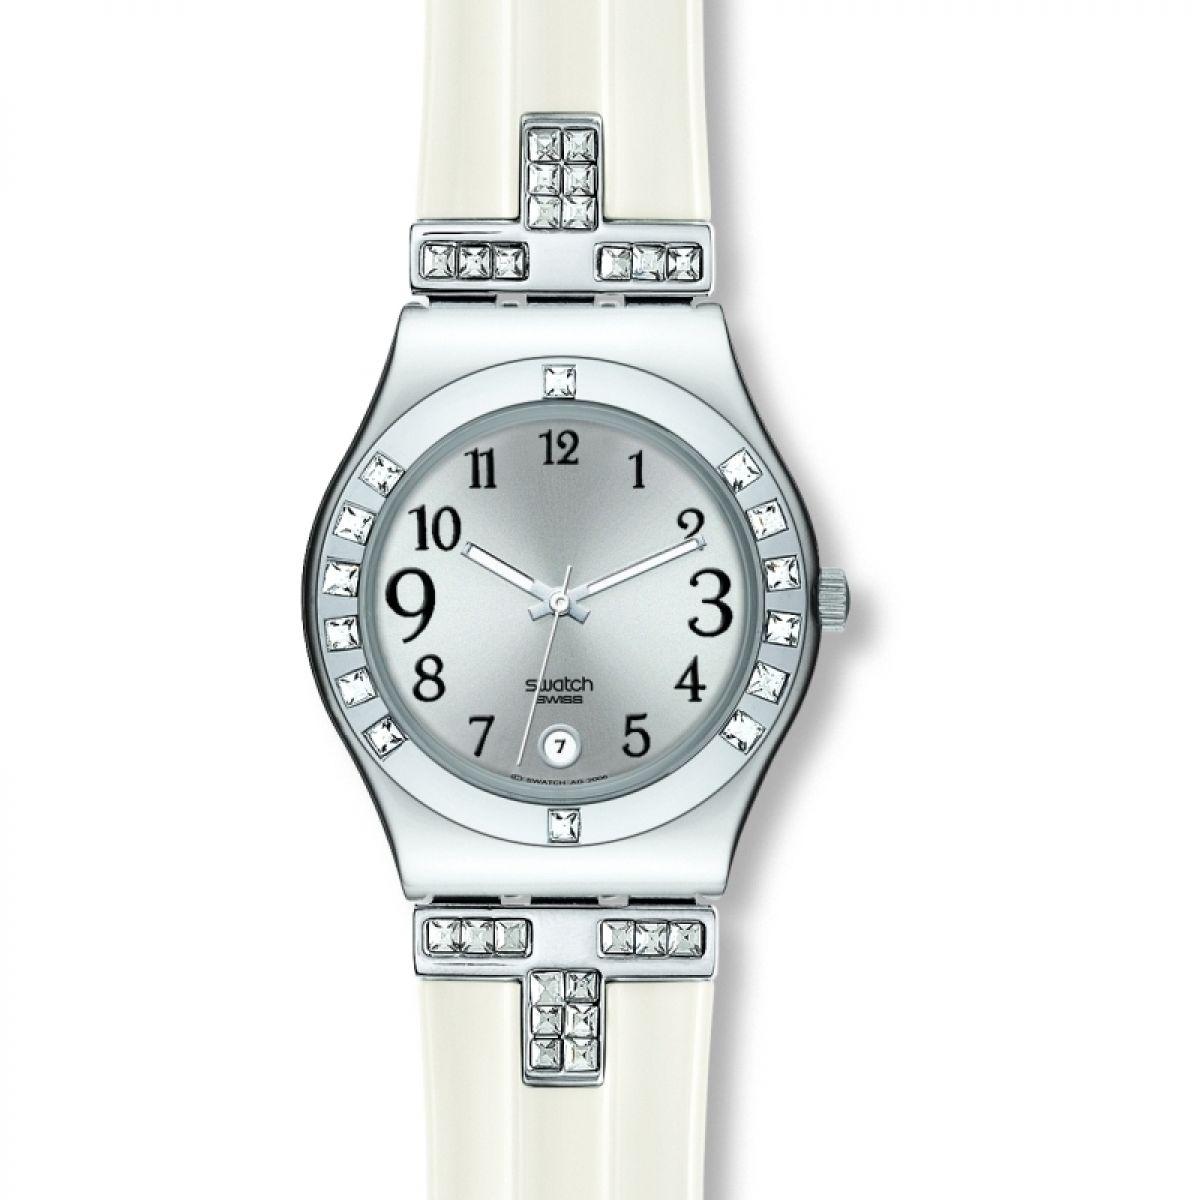 Reloj swatch swiss mujer blanco